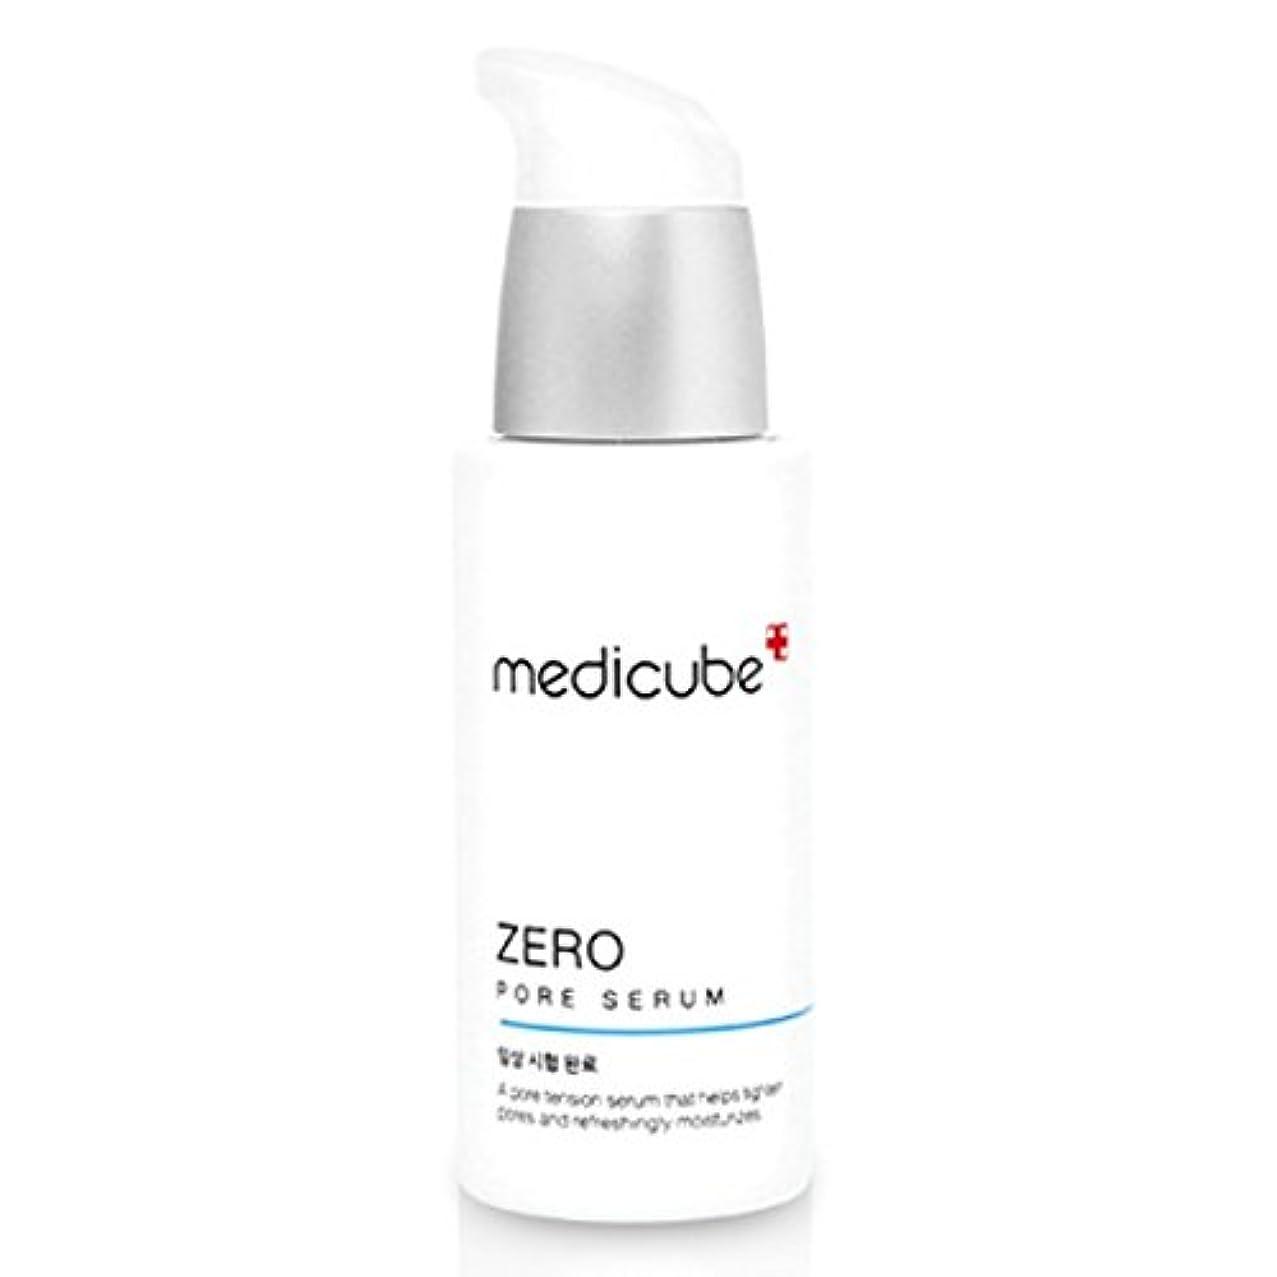 資金混乱させるシールド[Medicube メディキューブ] ゼロポアセラム 27ml / Zero Pore Serum 27ml [並行輸入品]